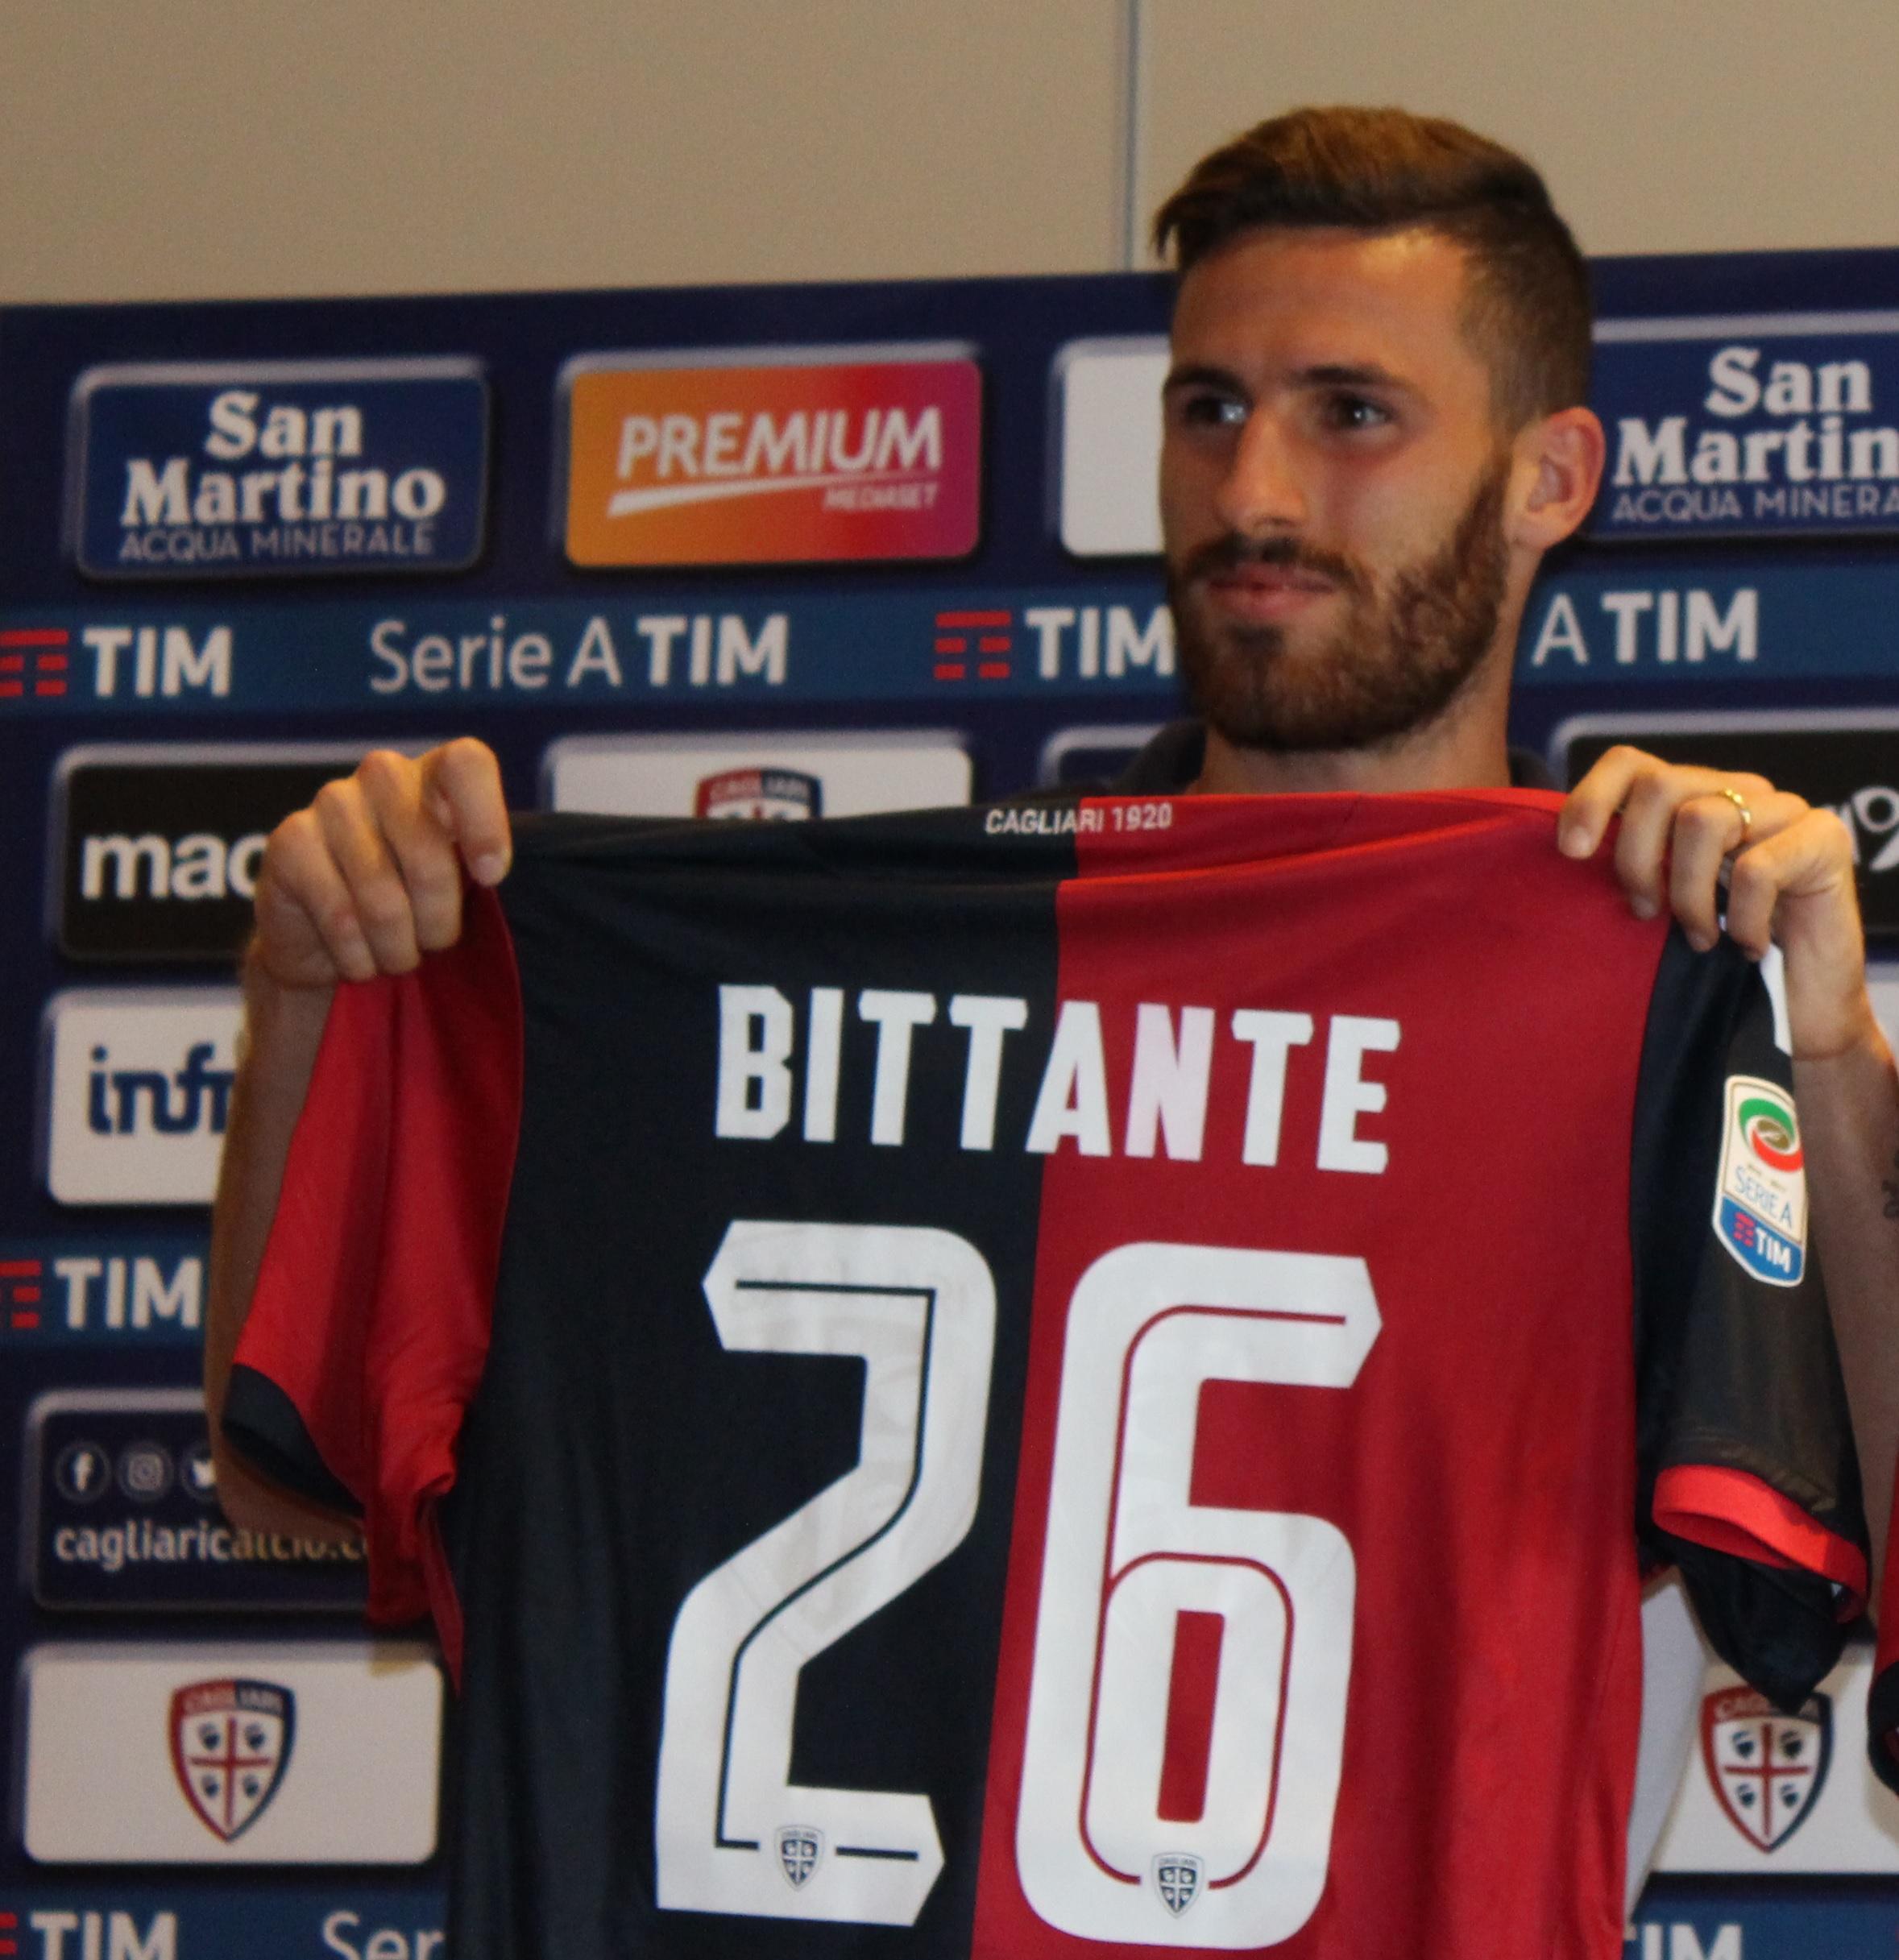 Bittante Cagliari